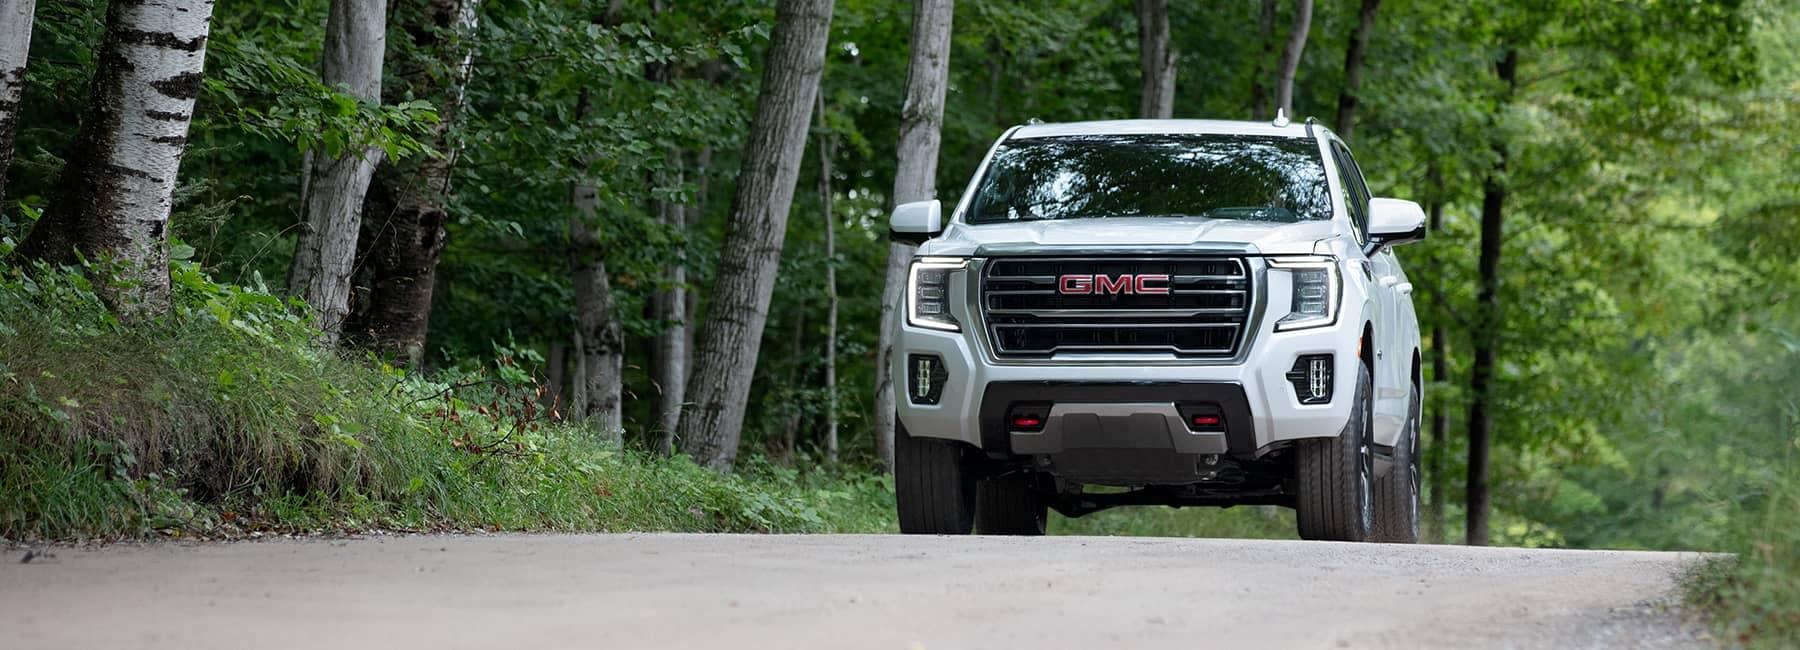 2021 GMC Yukon AT4 4WD in Summit White_mobile